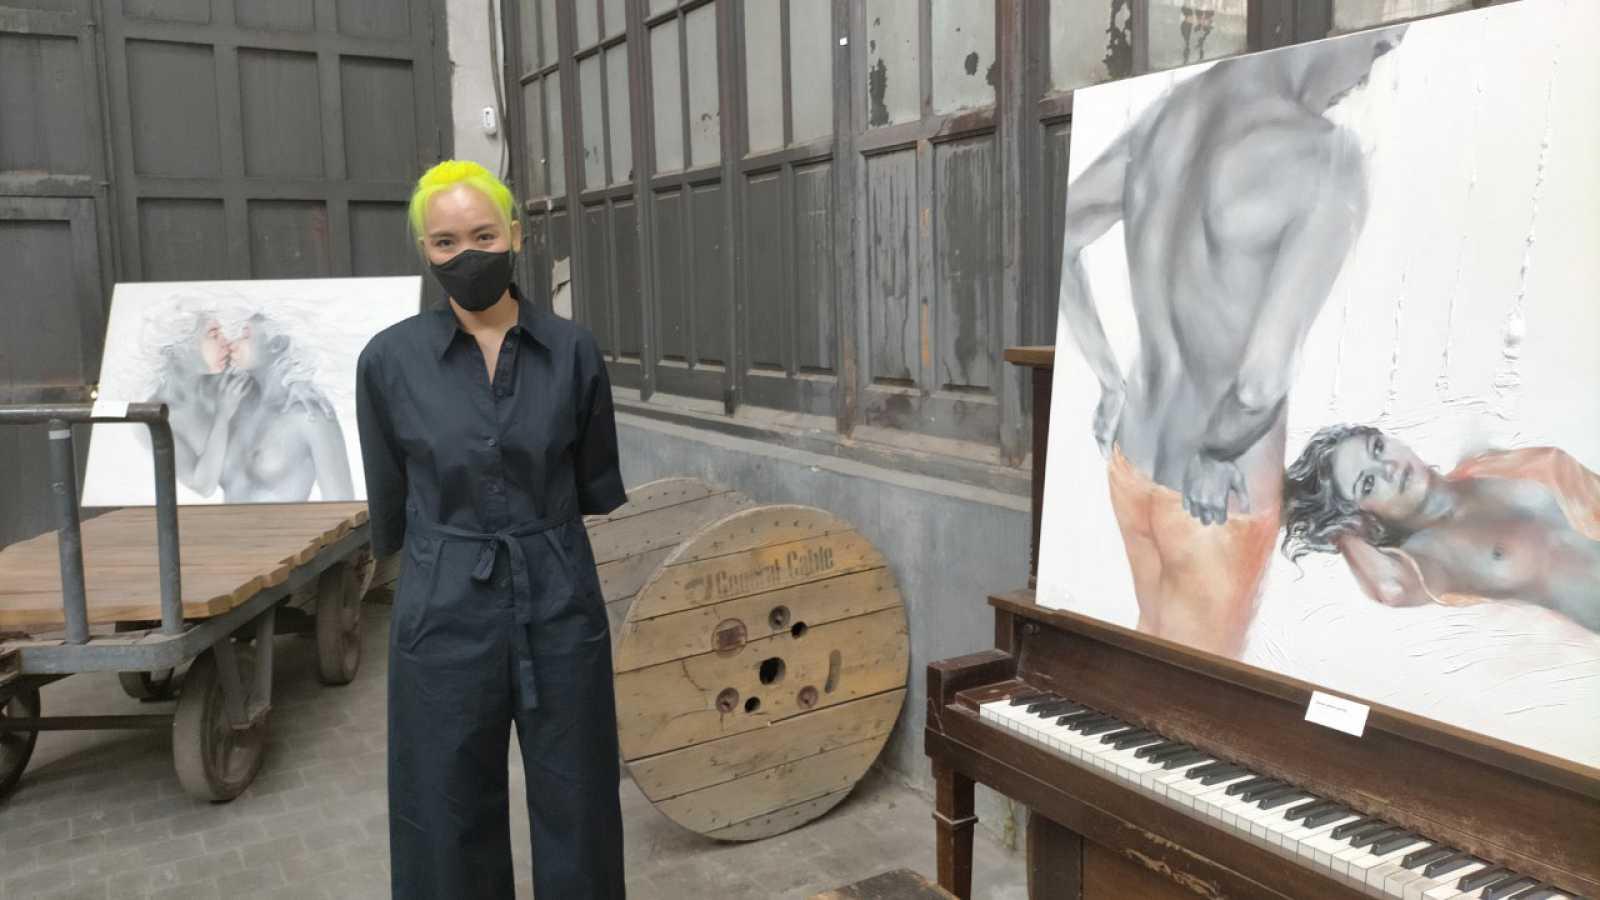 Hora América - La artista costarricense Man Yu expone 'Traje humano' en Madrid  - Escuchar ahora